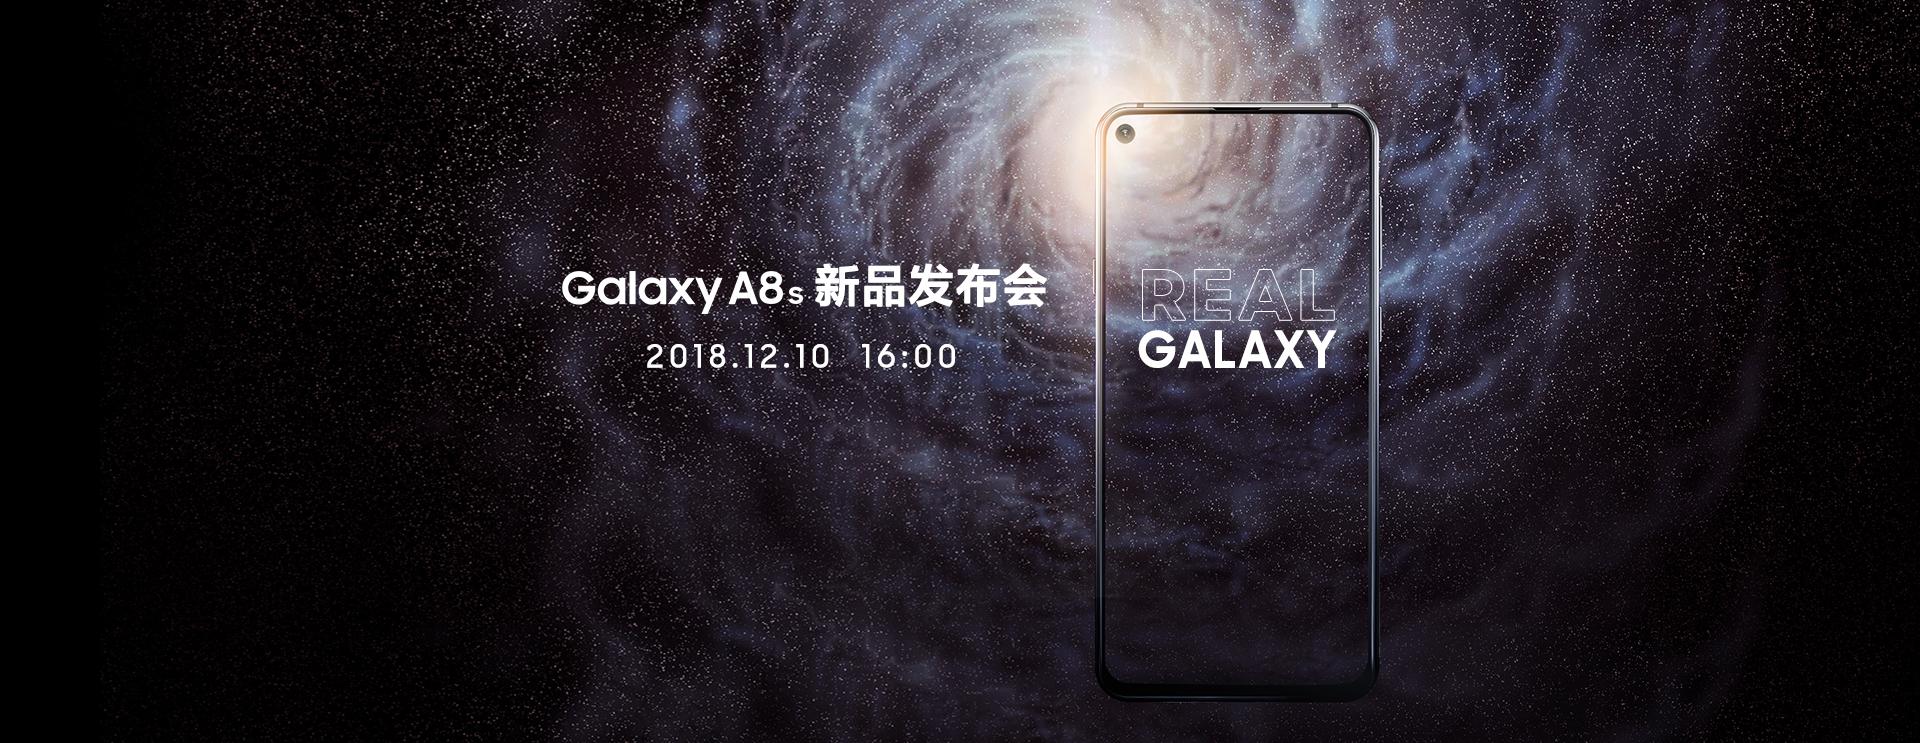 三星Galaxy A8s 新品发布会